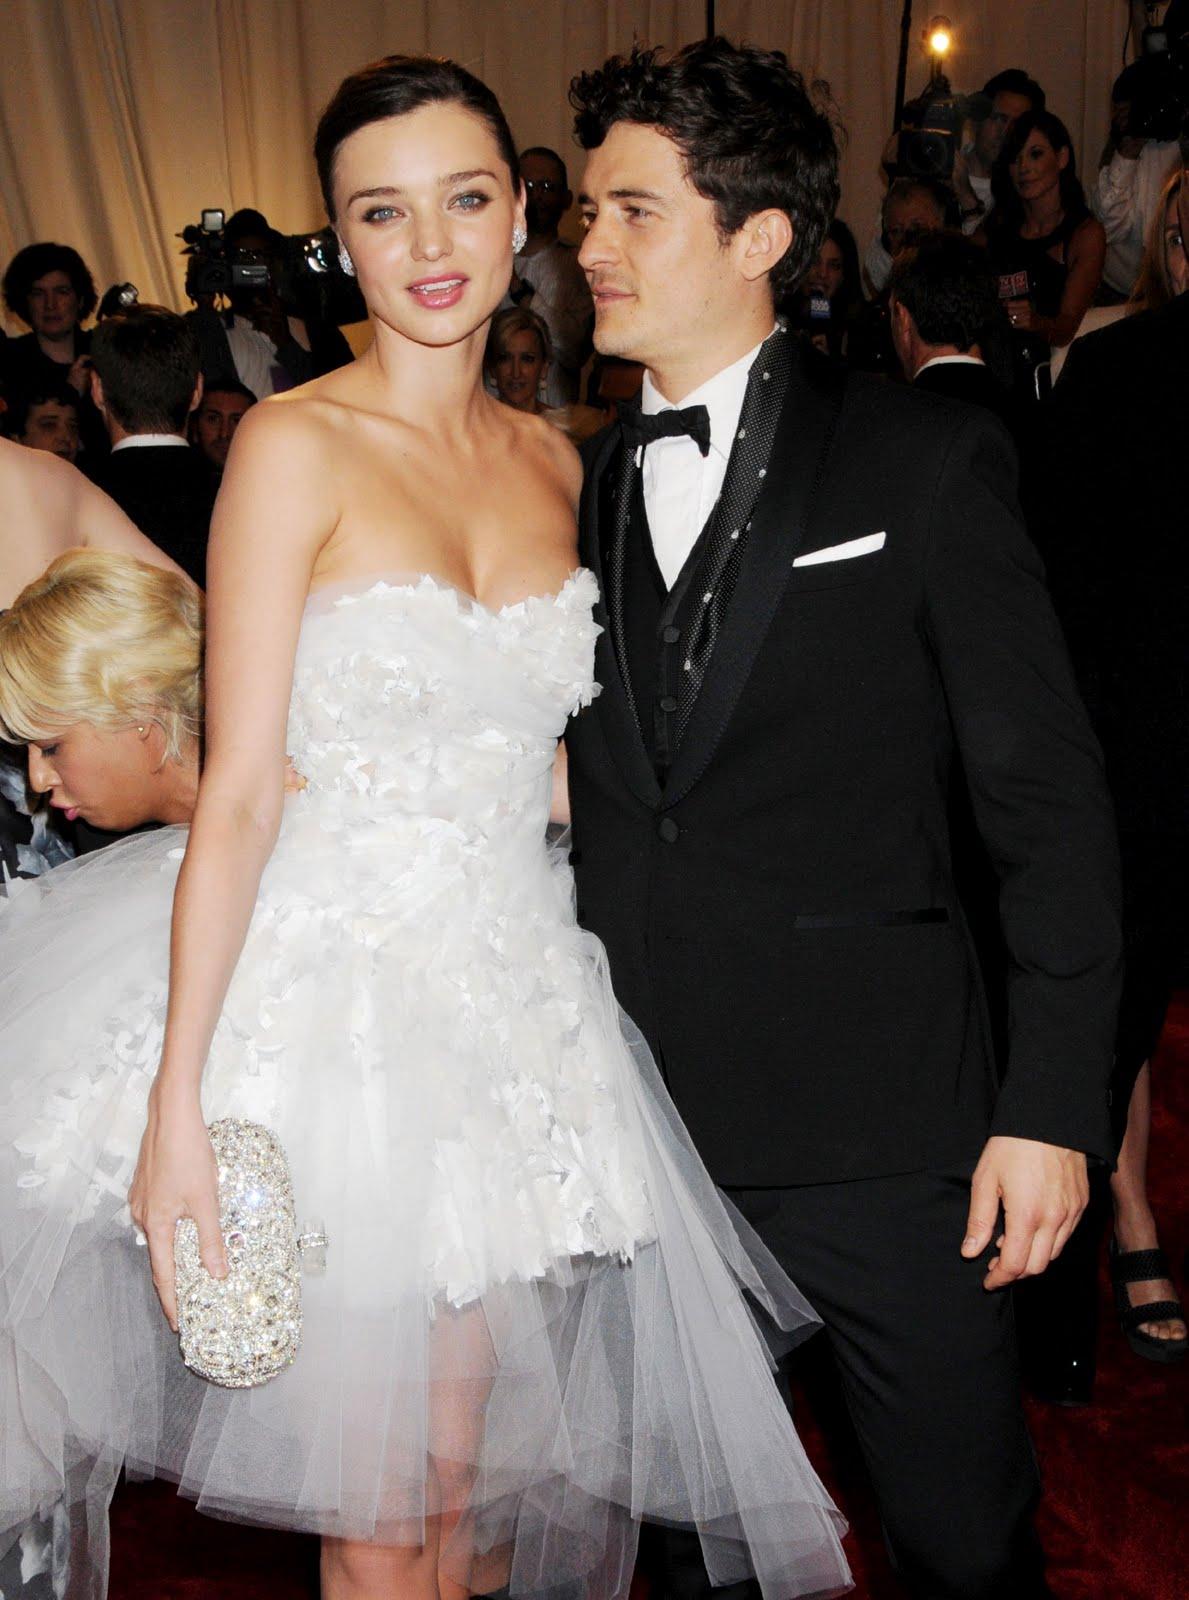 NAVER まとめ憧れの結婚式!海外セレブのウエディングドレス編